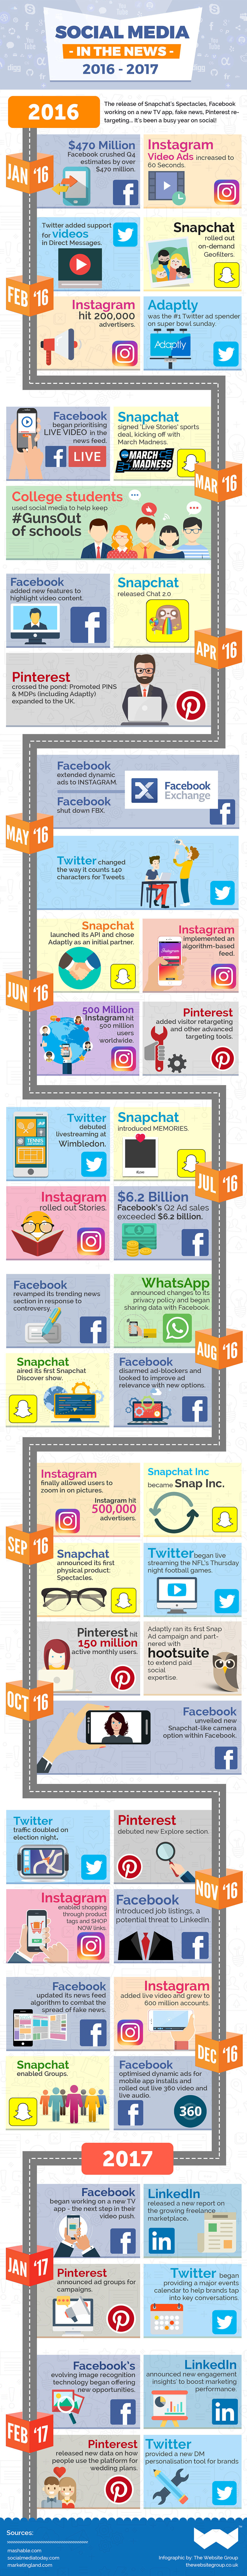 Social Media Ranking 2016-2017